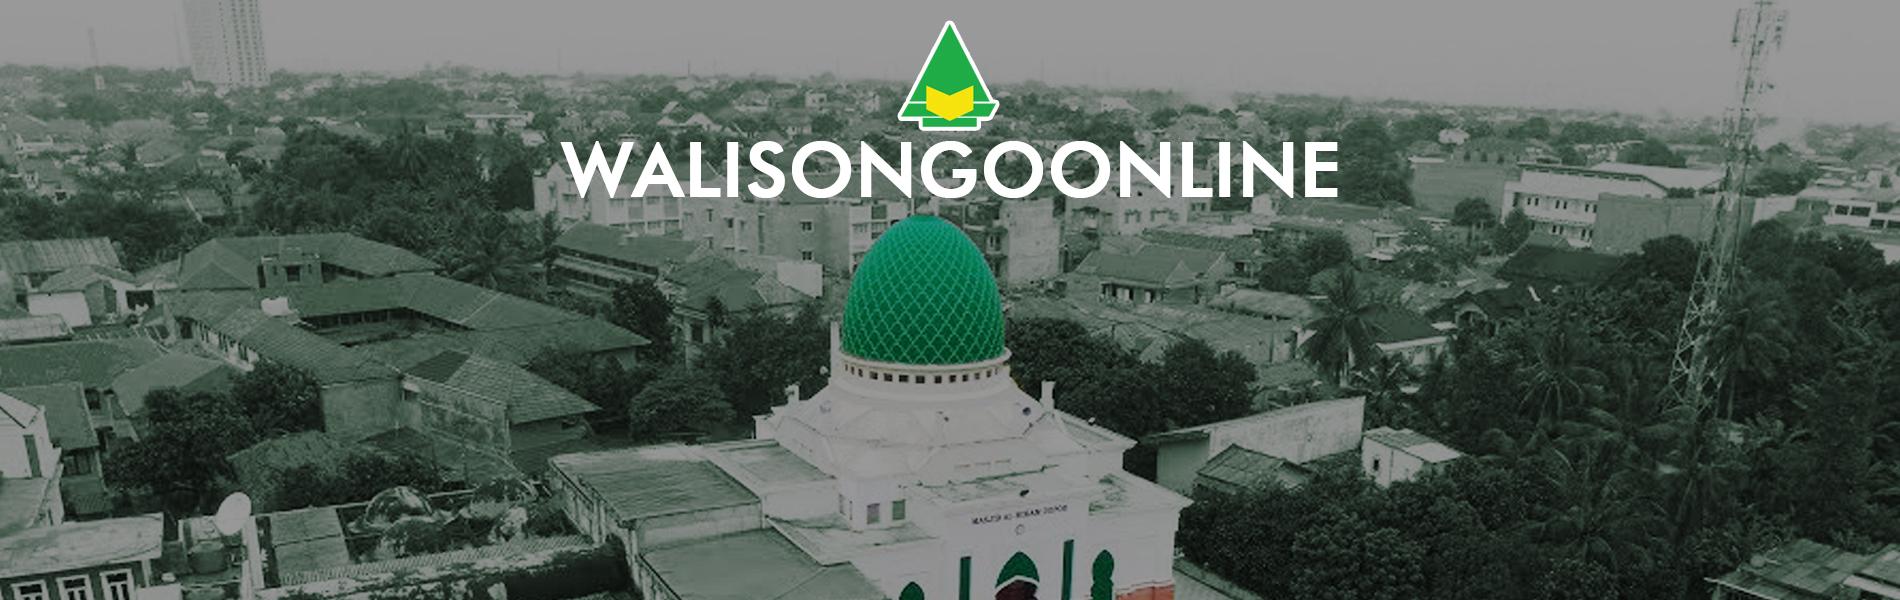 walisongoonline